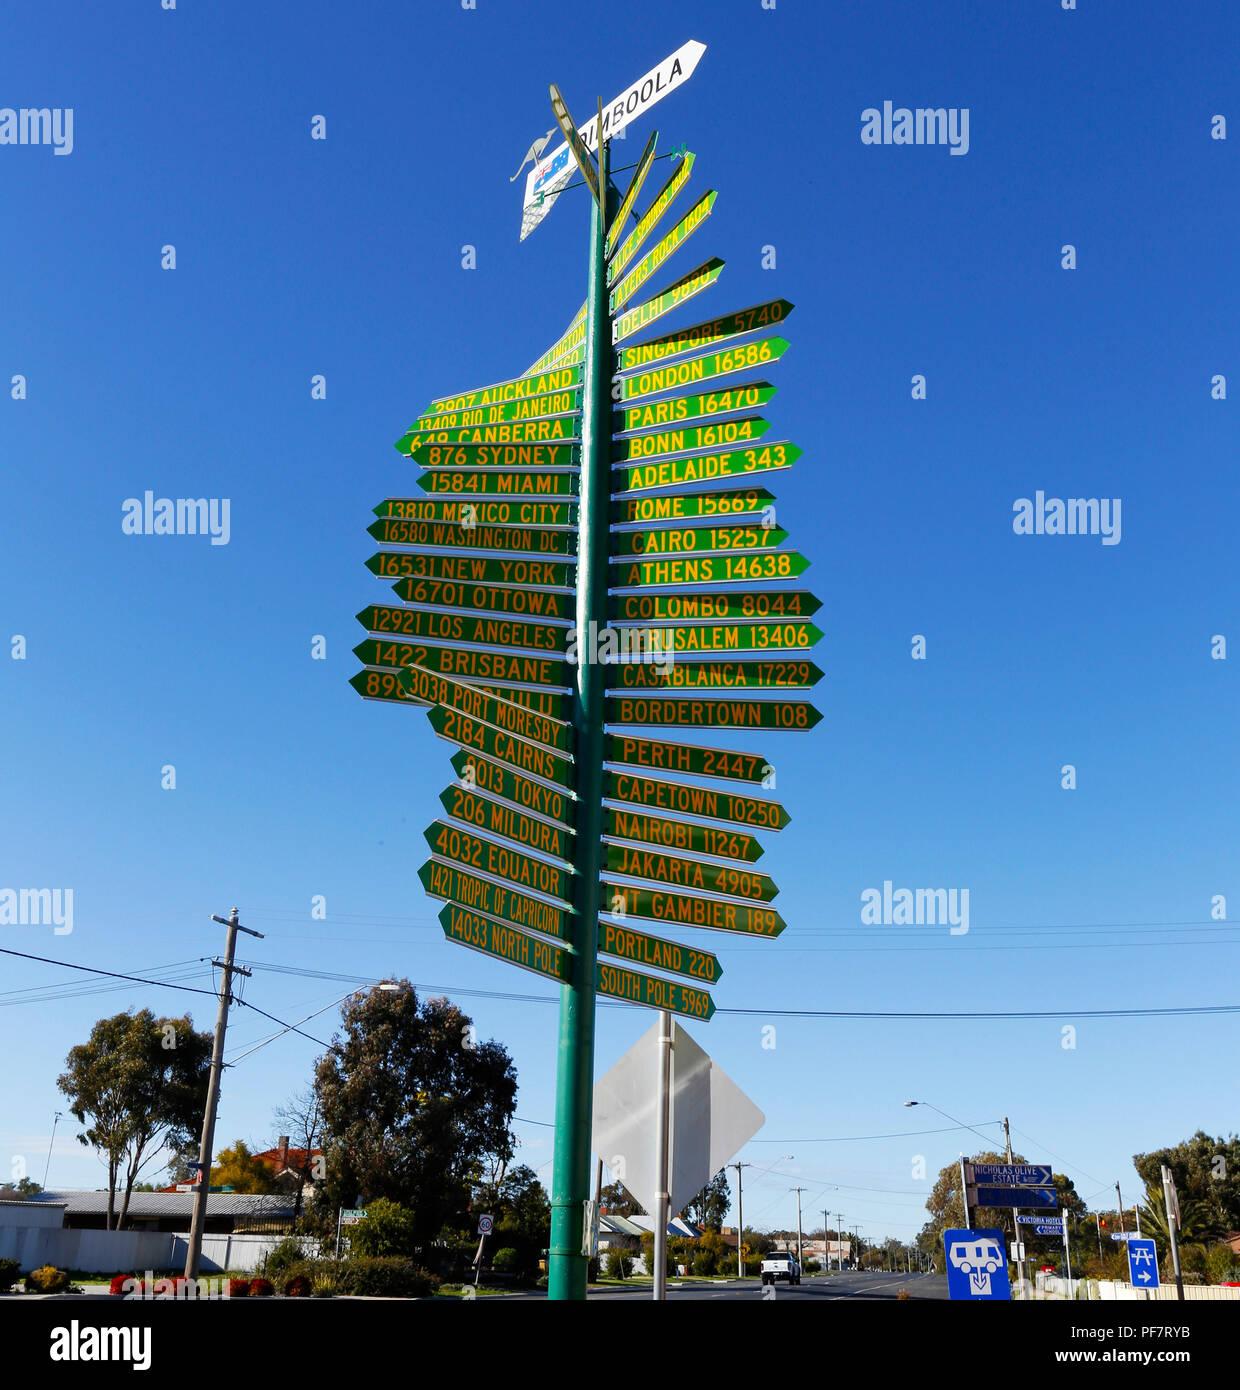 World direction sign - Dimboola - Australia - Stock Image